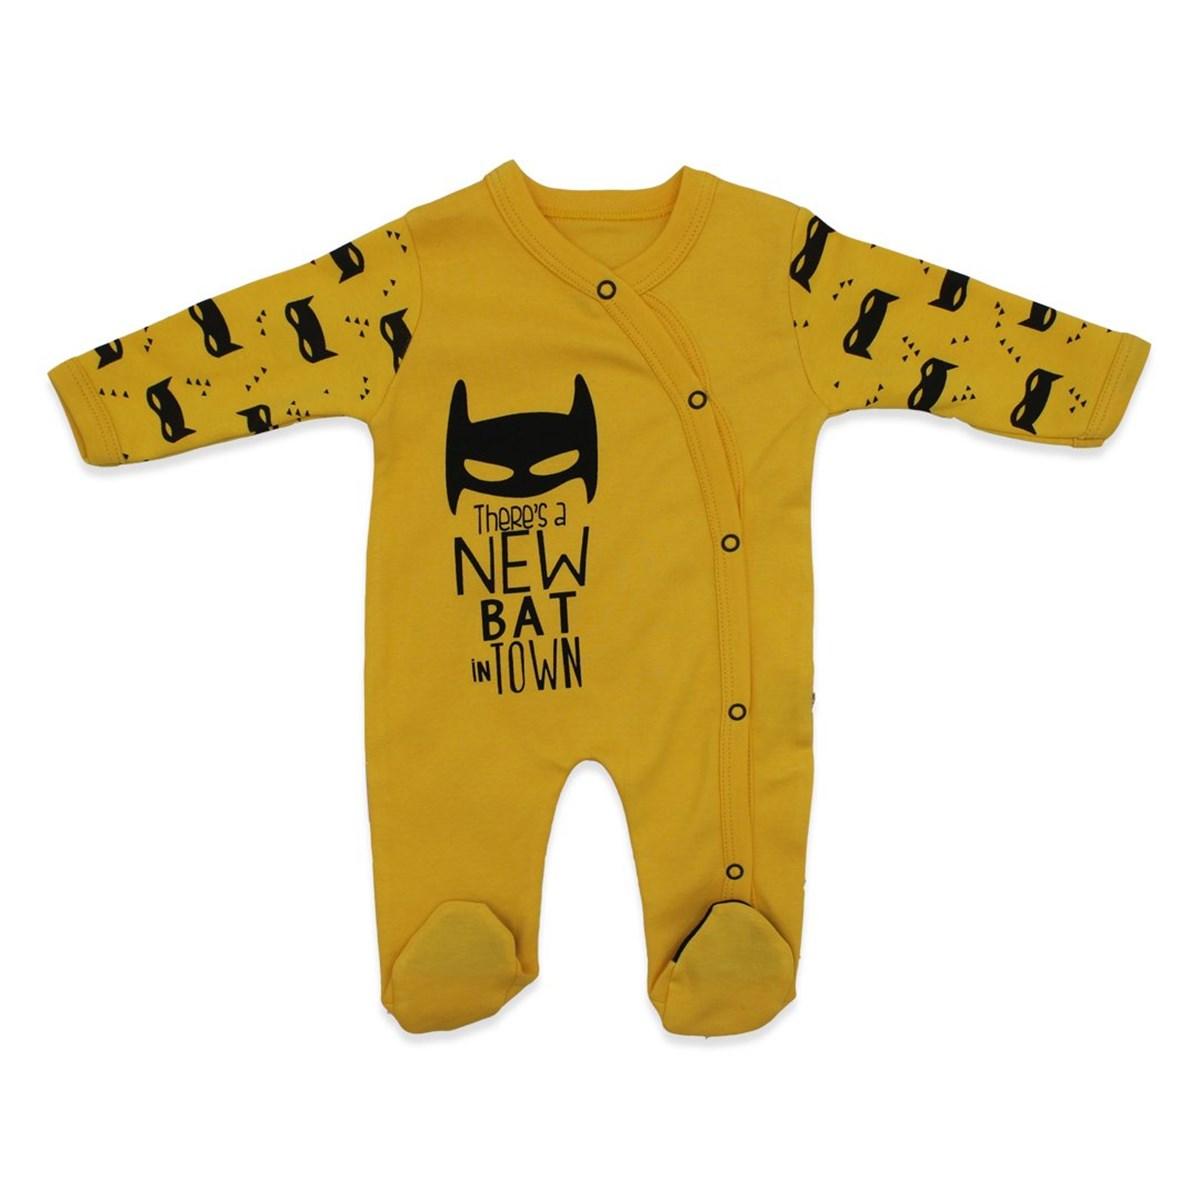 Baby's Printed Yellow Romper & Beanie Set